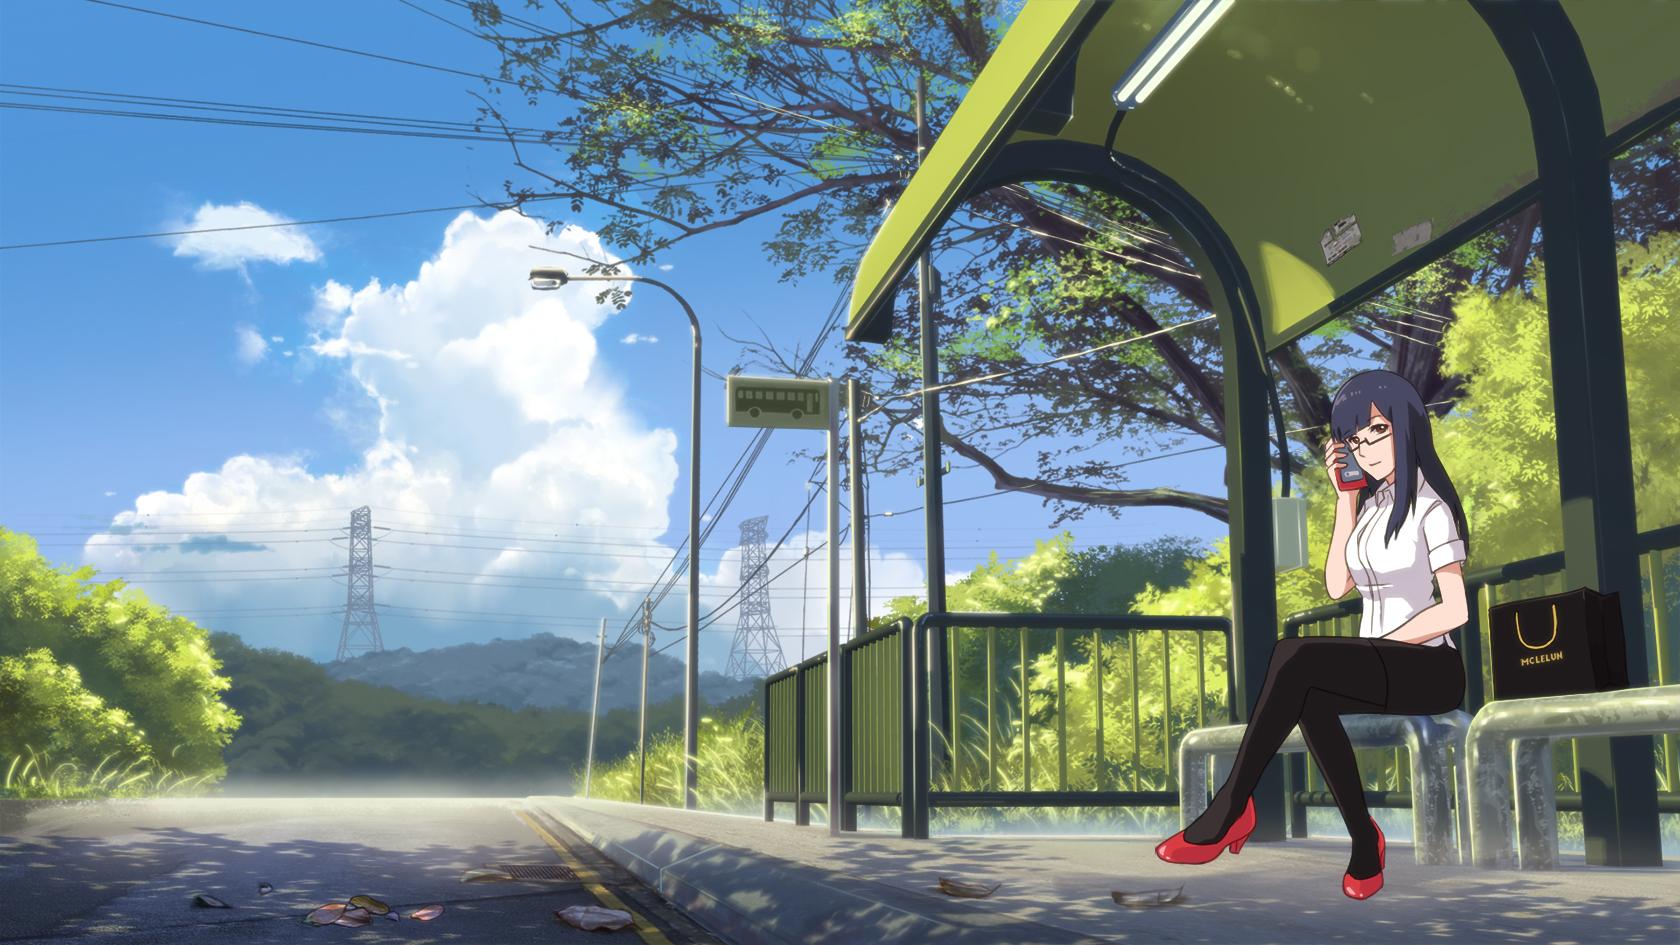 anime bus stop